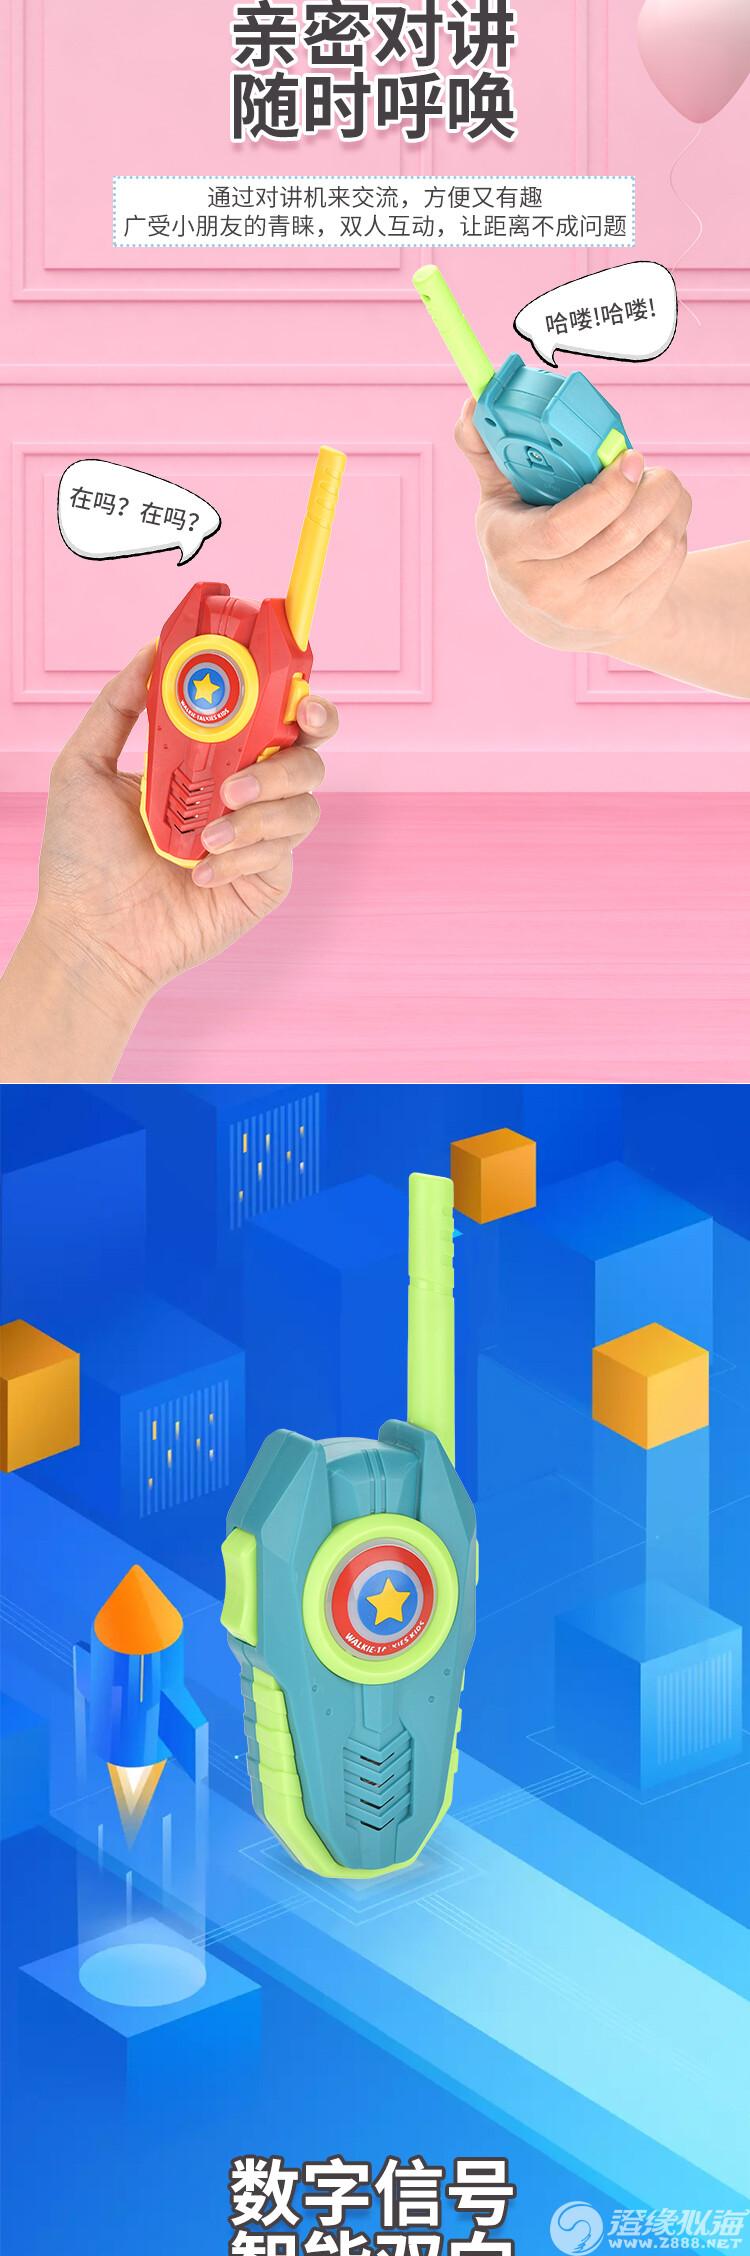 润龙玩具厂-儿童对讲机-中文版详情_02.jpg